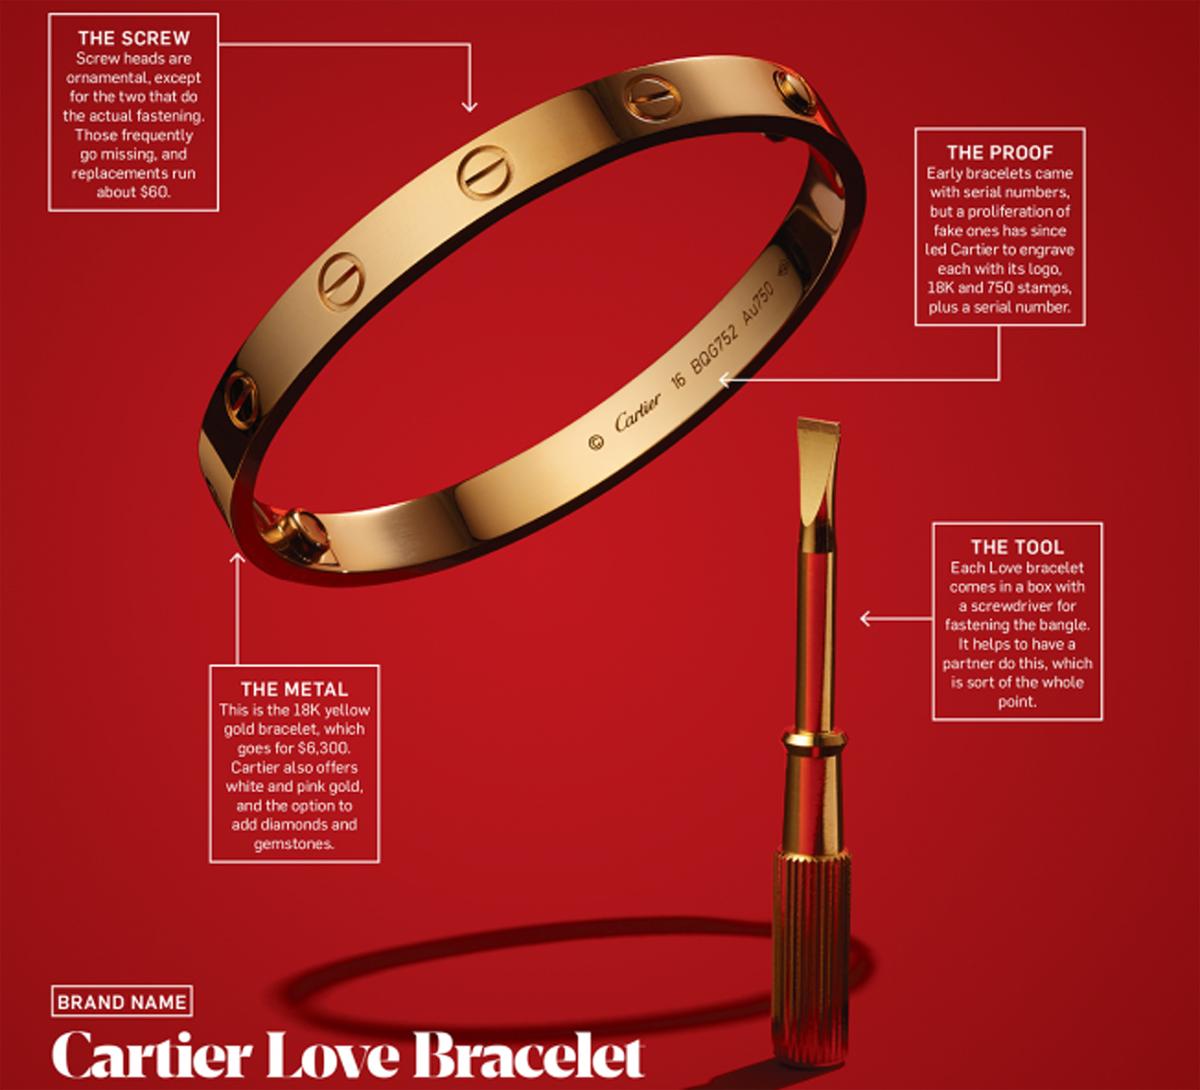 Cartier Love Bracelet | source: AdWeek